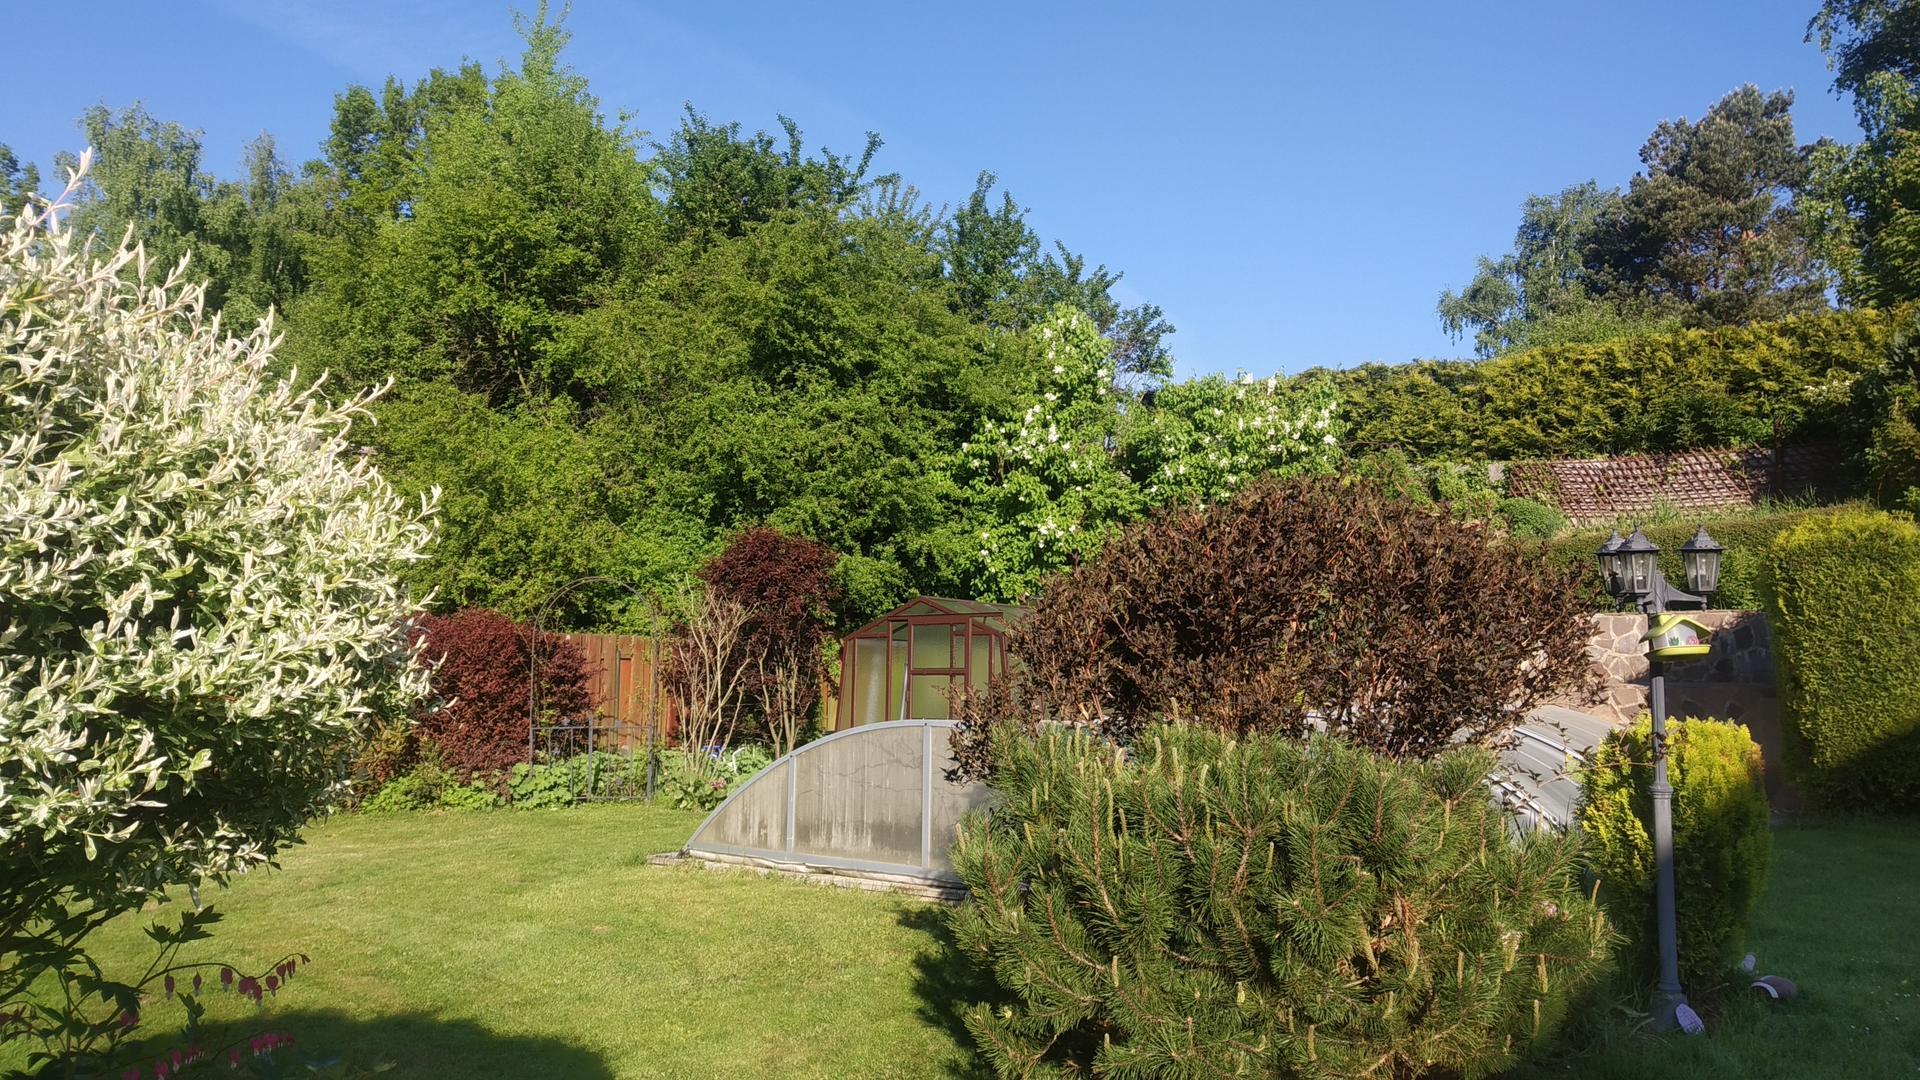 Zahrada 2021 a budování skleníku - Obrázek č. 29